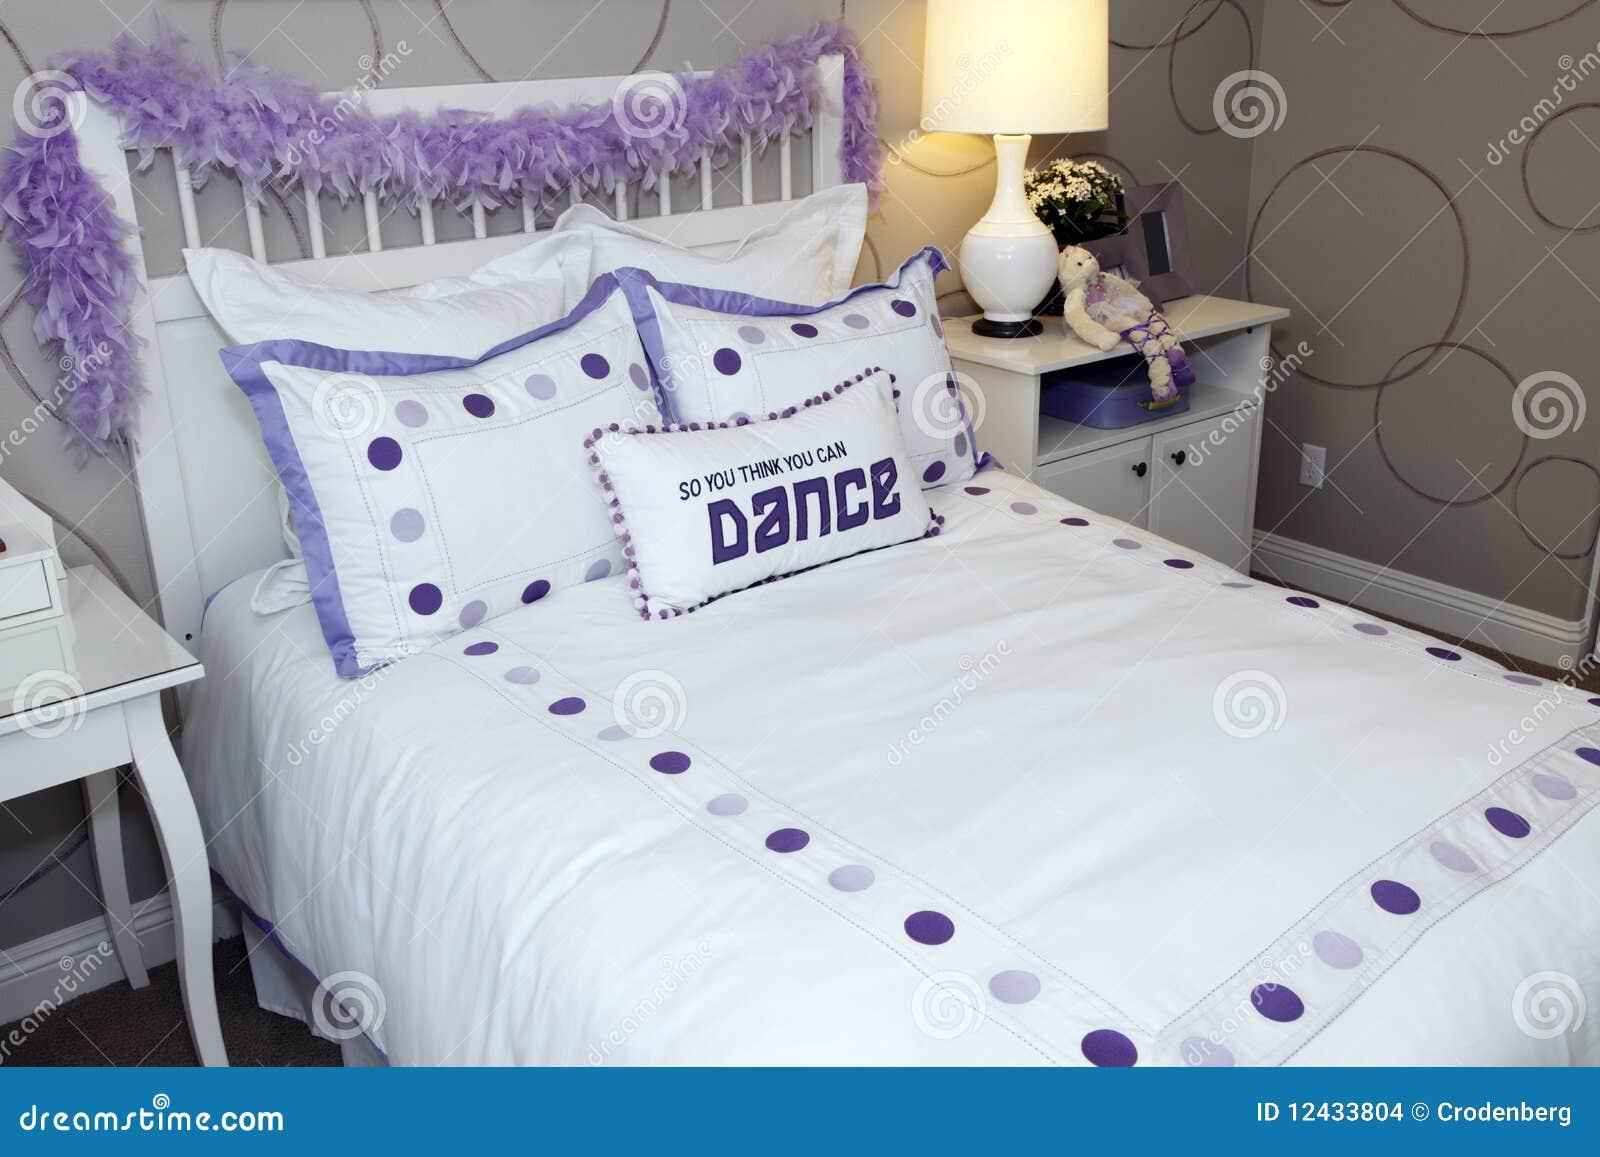 Camere Da Letto Giovanili : Camera da letto giovanile fotografia stock immagine di base